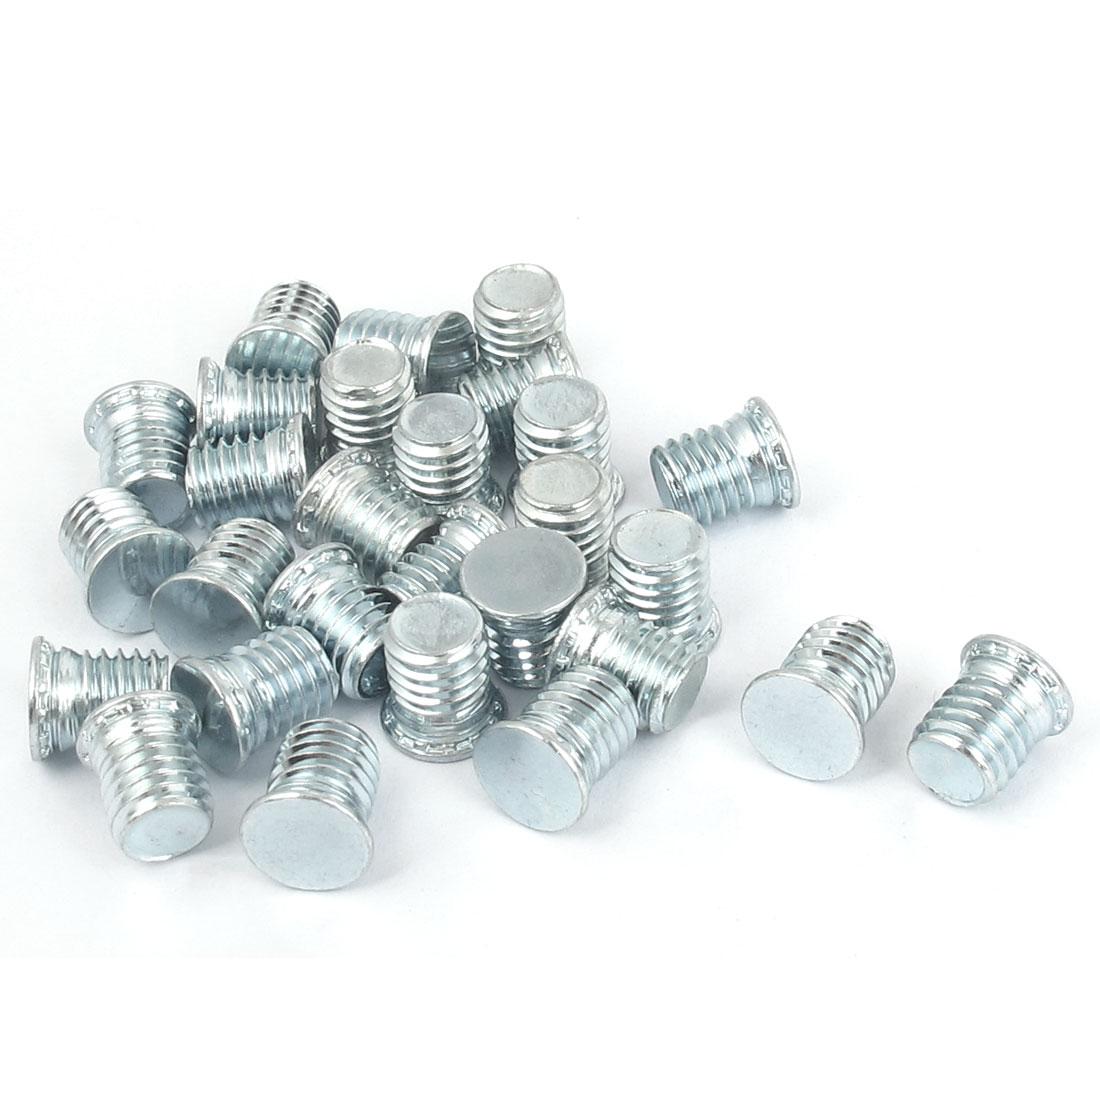 M8x10mm Zinc Plated Flush Head Self Clinching Threaded Studs Fastener 25pcs